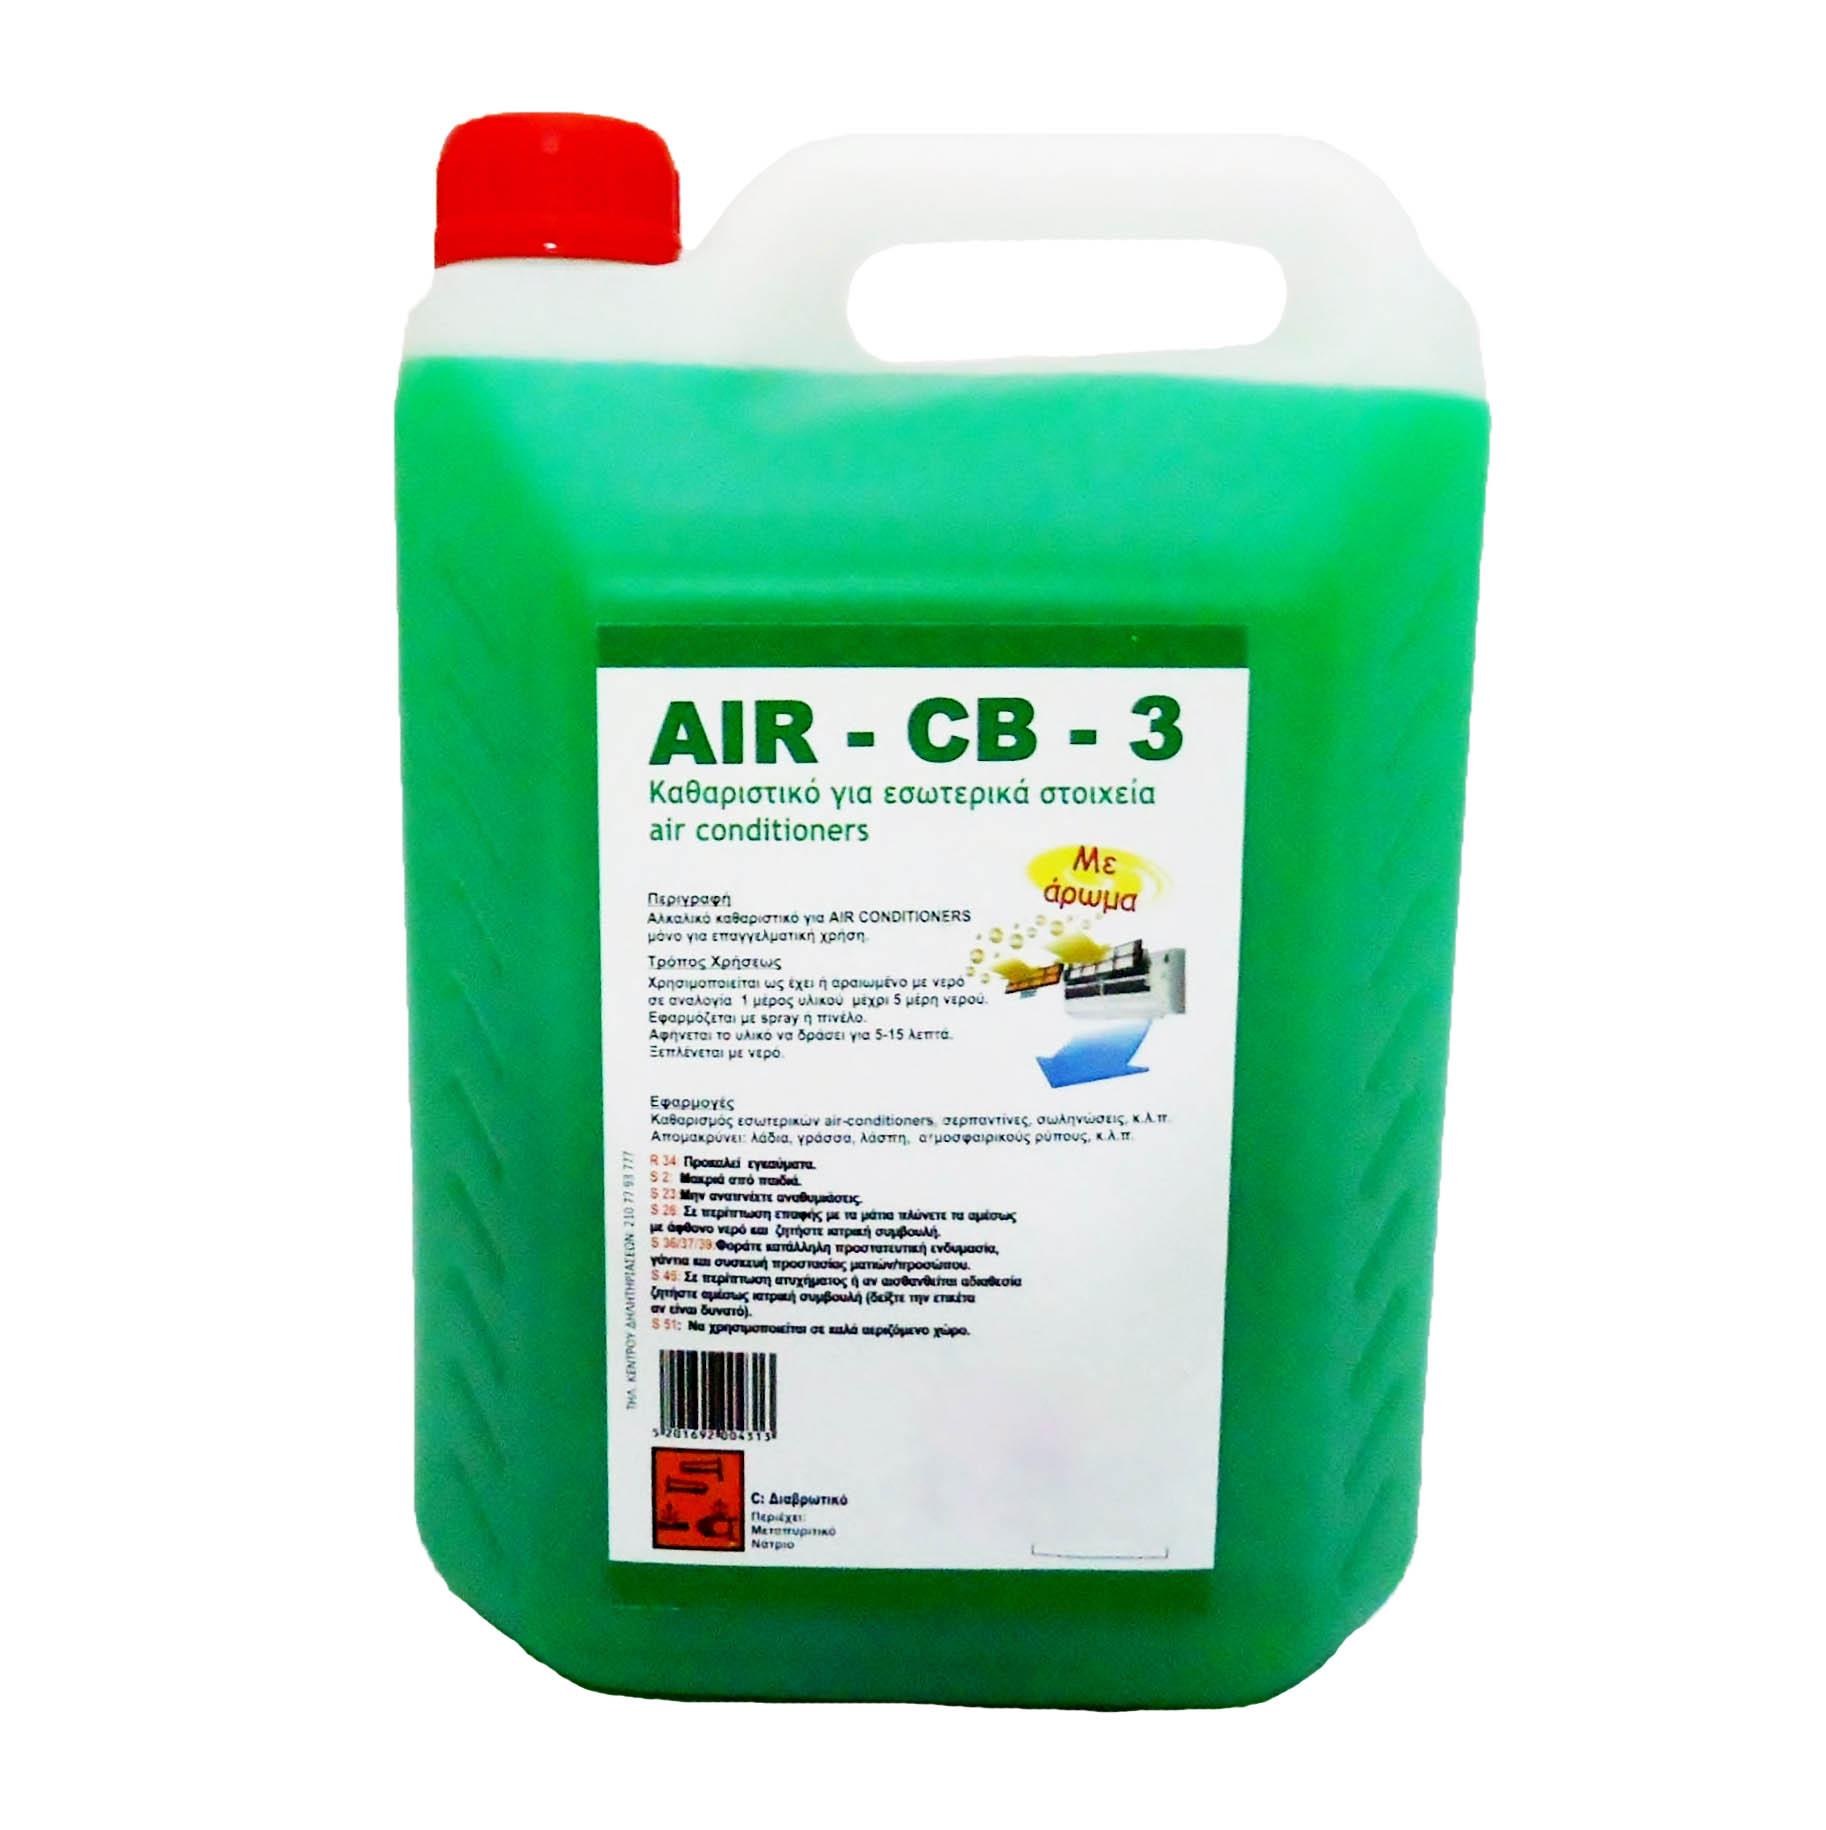 EUROCHEM CB3 (4Lit) Καθαριστικά Κλιματιστικών Εσωτερικής Χρήσης κλιματισμός    καθαριστικά κλιματιστικών a c  προσφορές   κλιματισμός   υλικά εγ